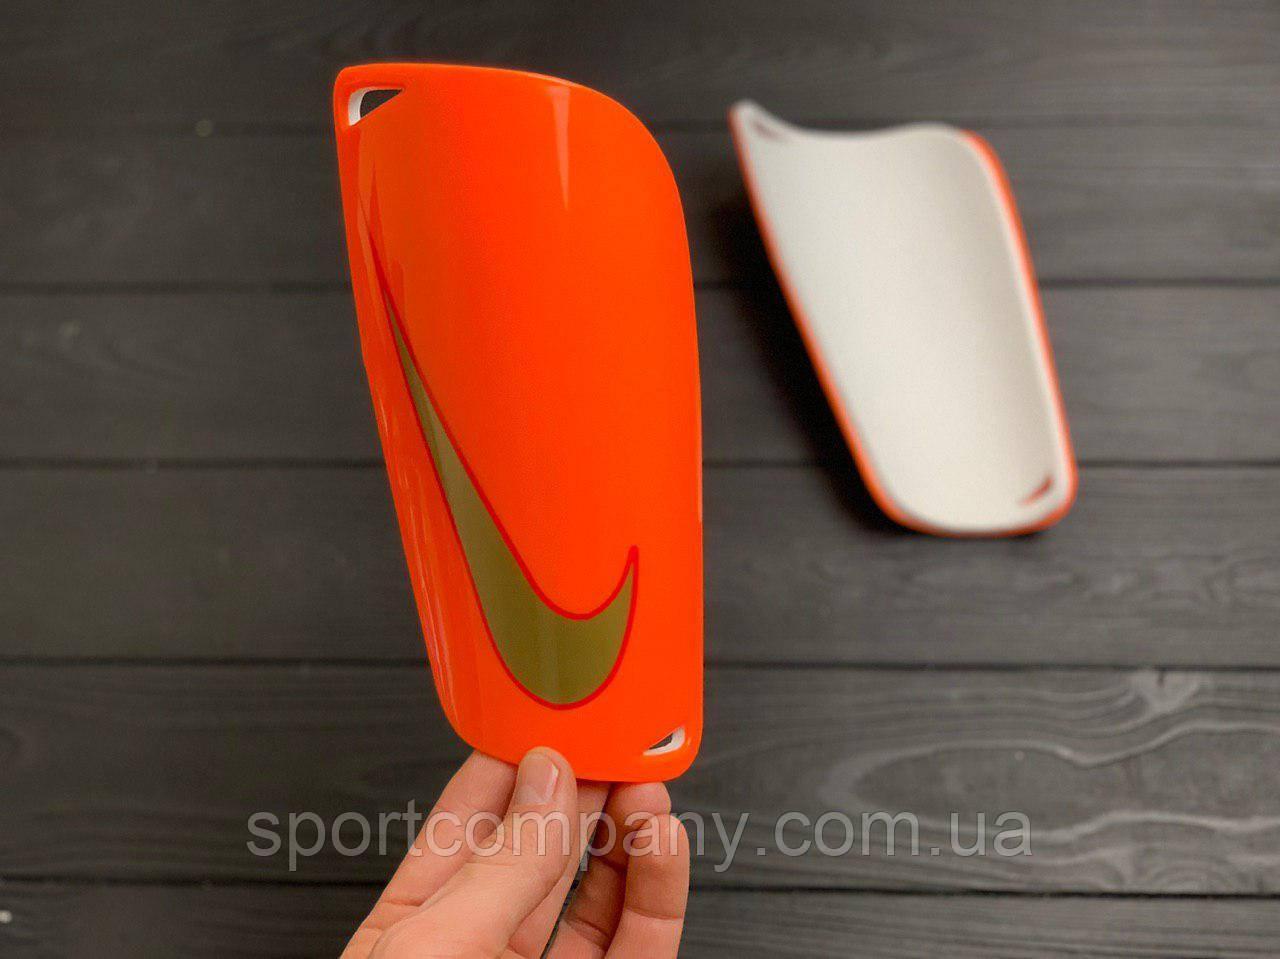 Щитки для футбола найк оранжевые 1095